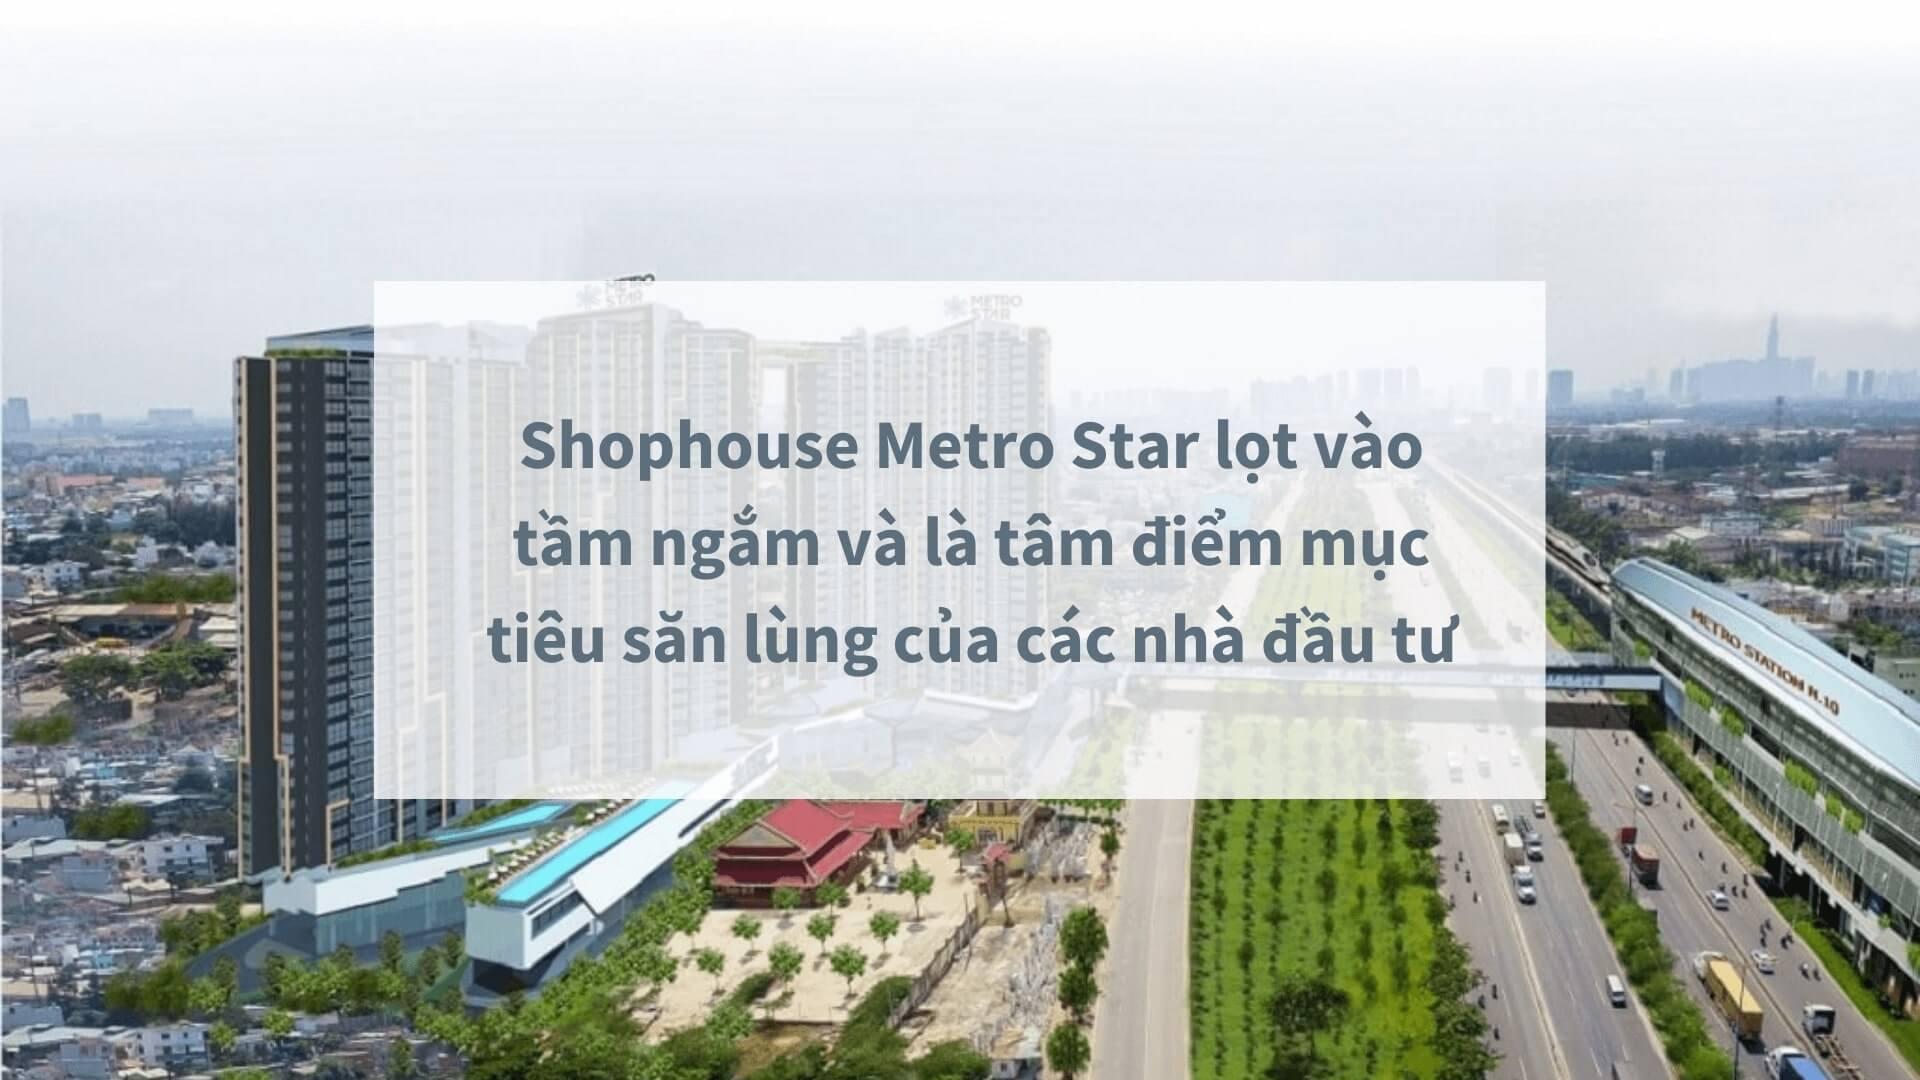 Shophouse Metro Star